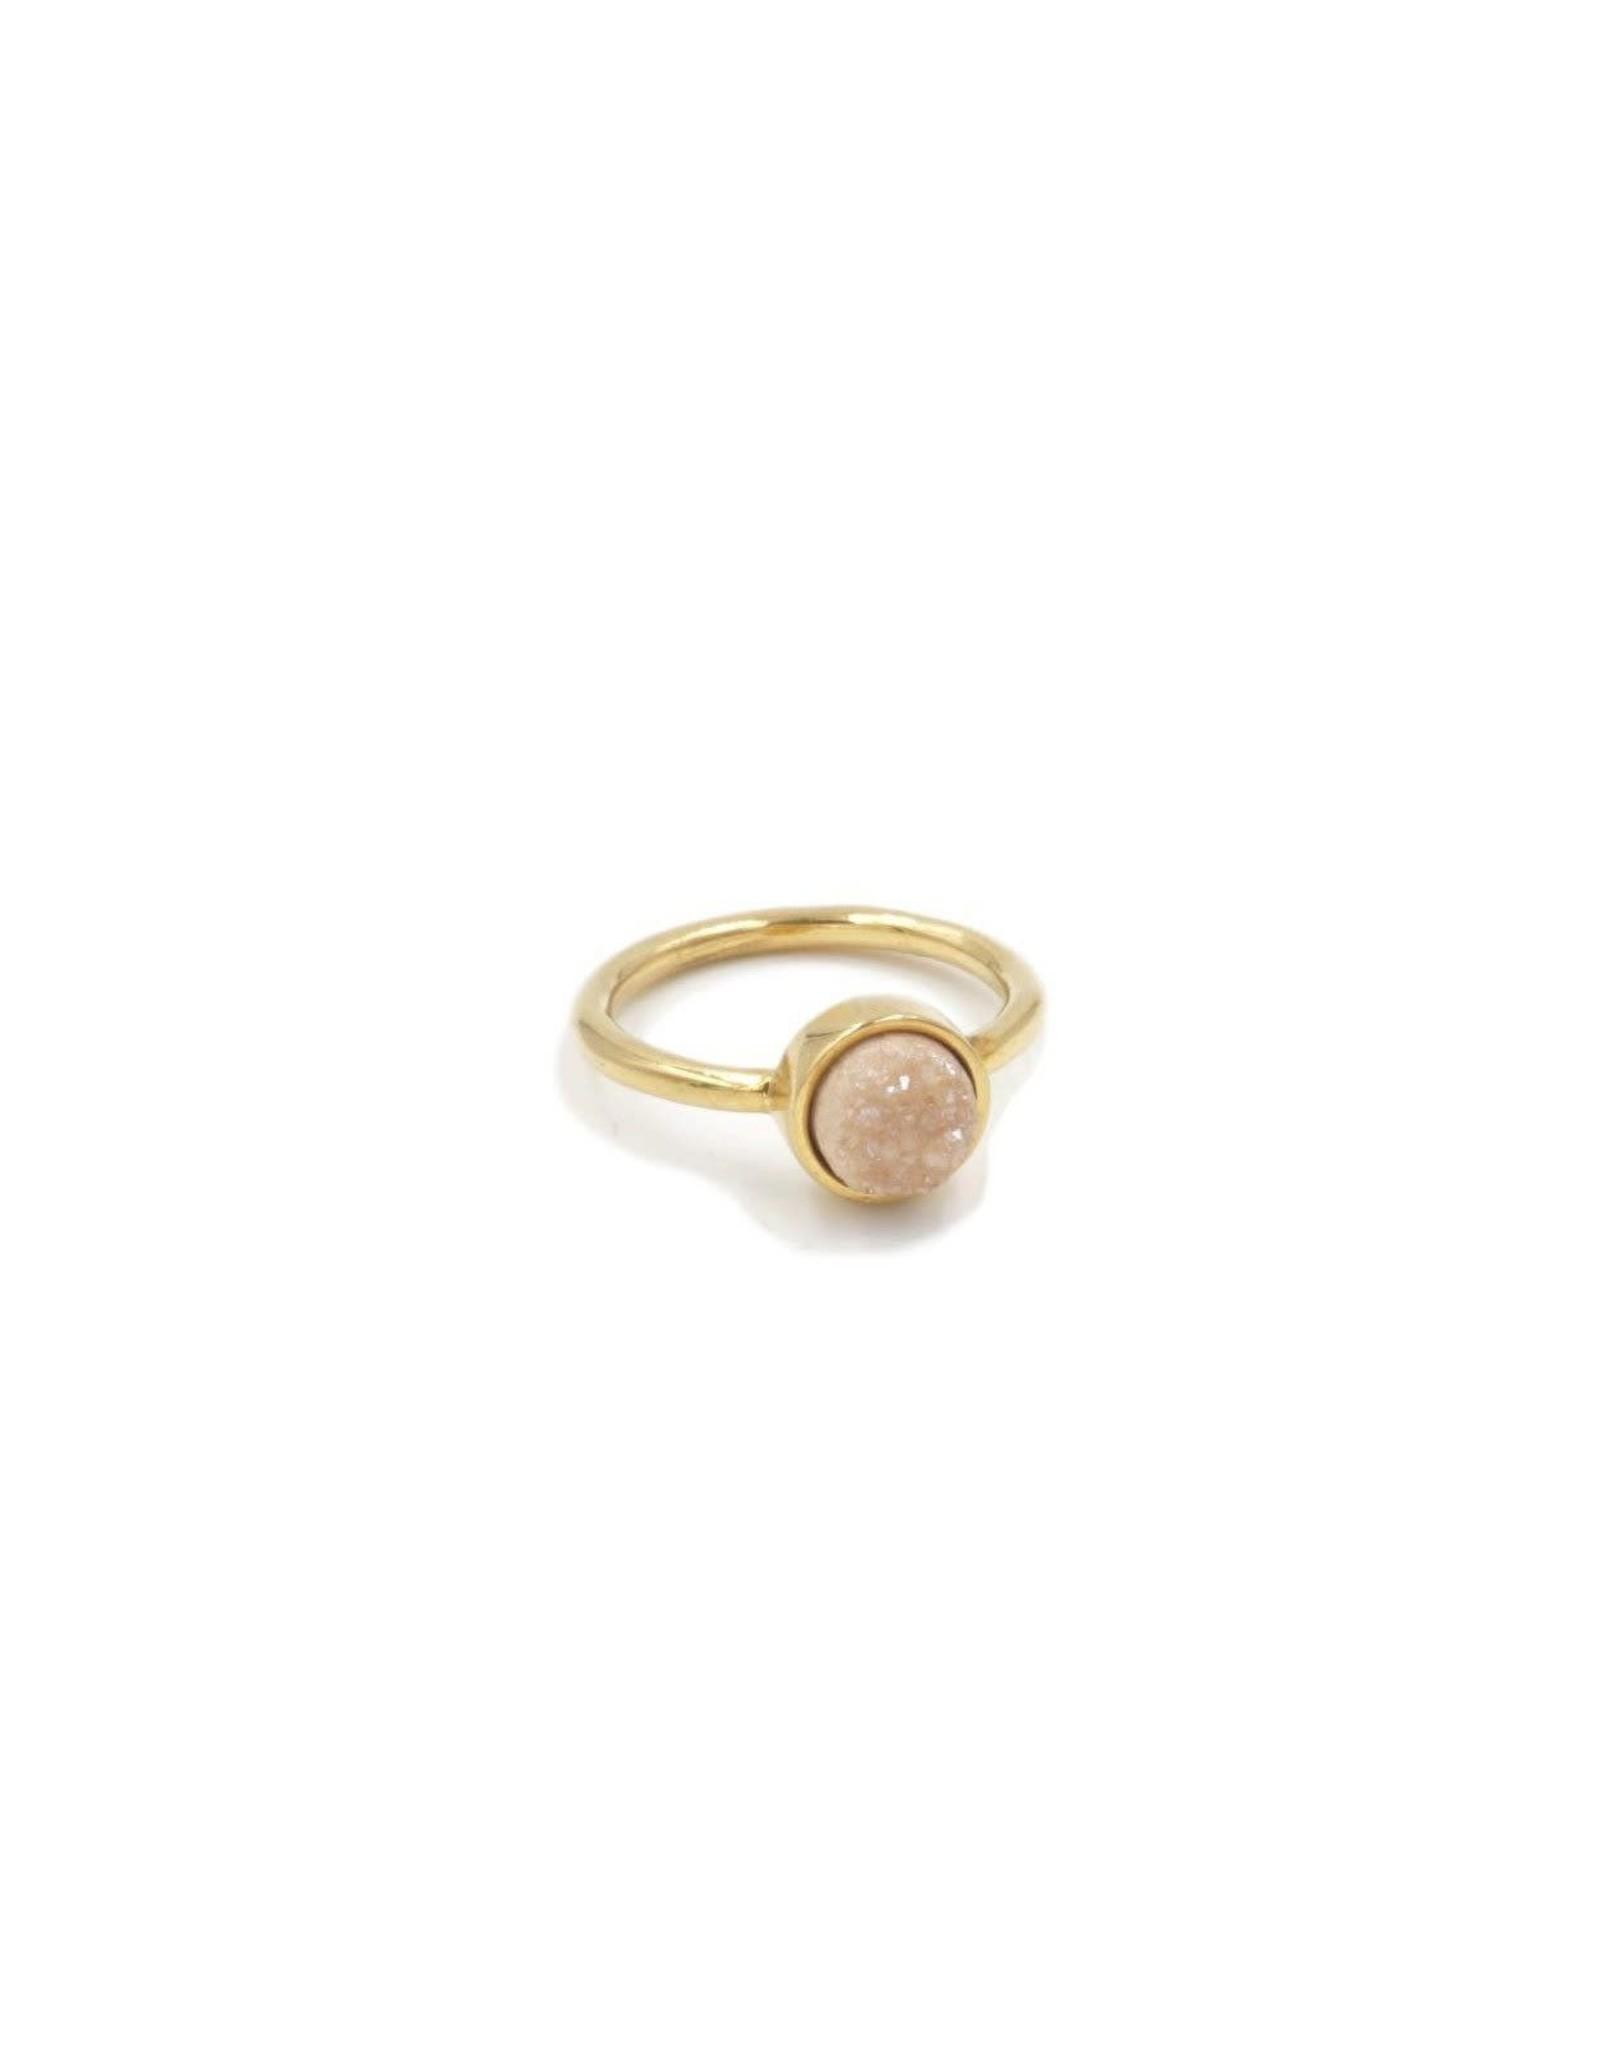 Amber Quartz Ring